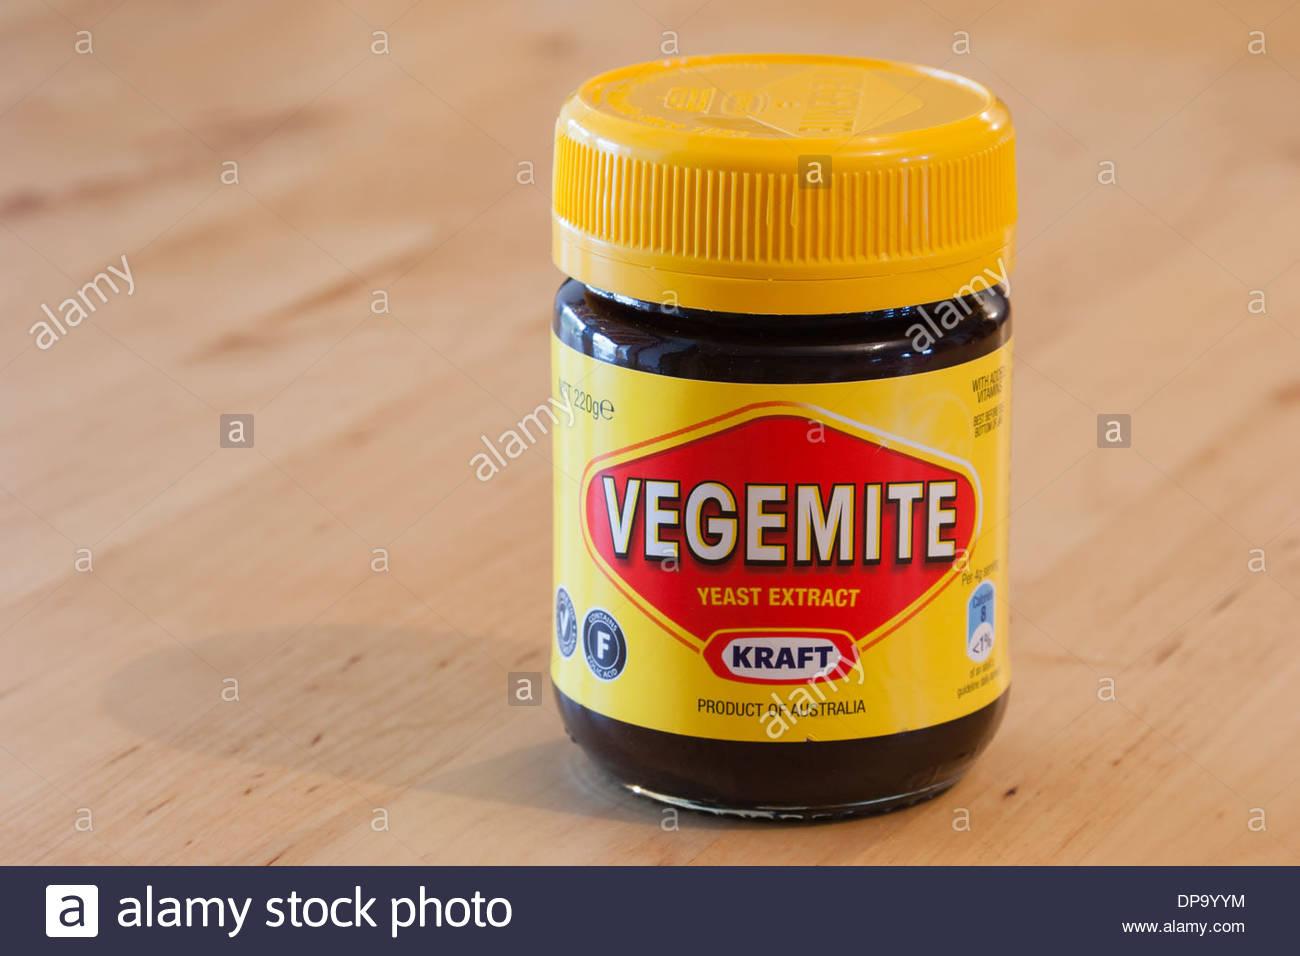 Pot de Vegemite un extrait de levure propagation produit en Australie pour Kraft Foods. Photo Stock